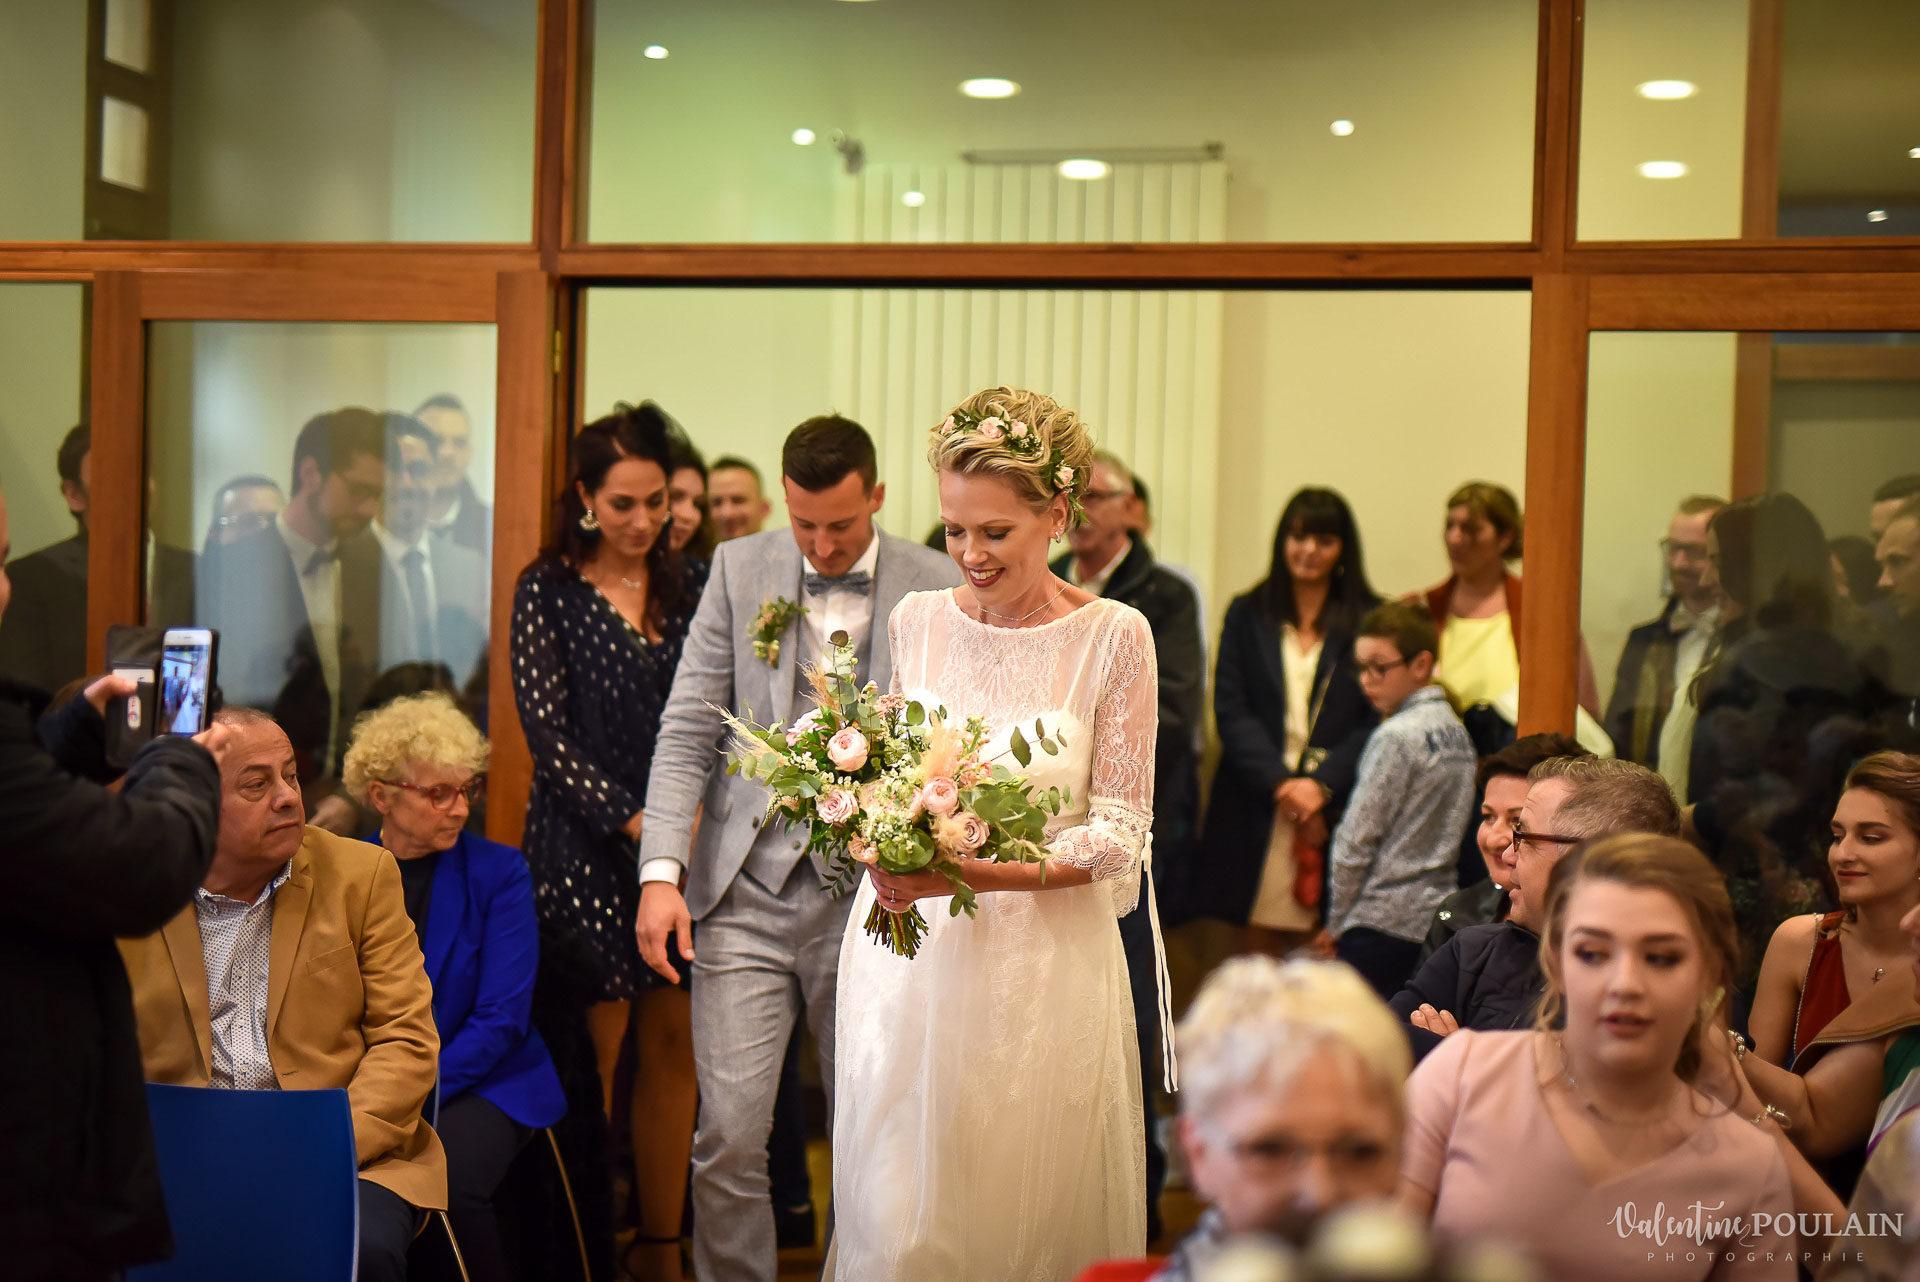 Mariage cité du train entrée mairie - Valentine Poulain